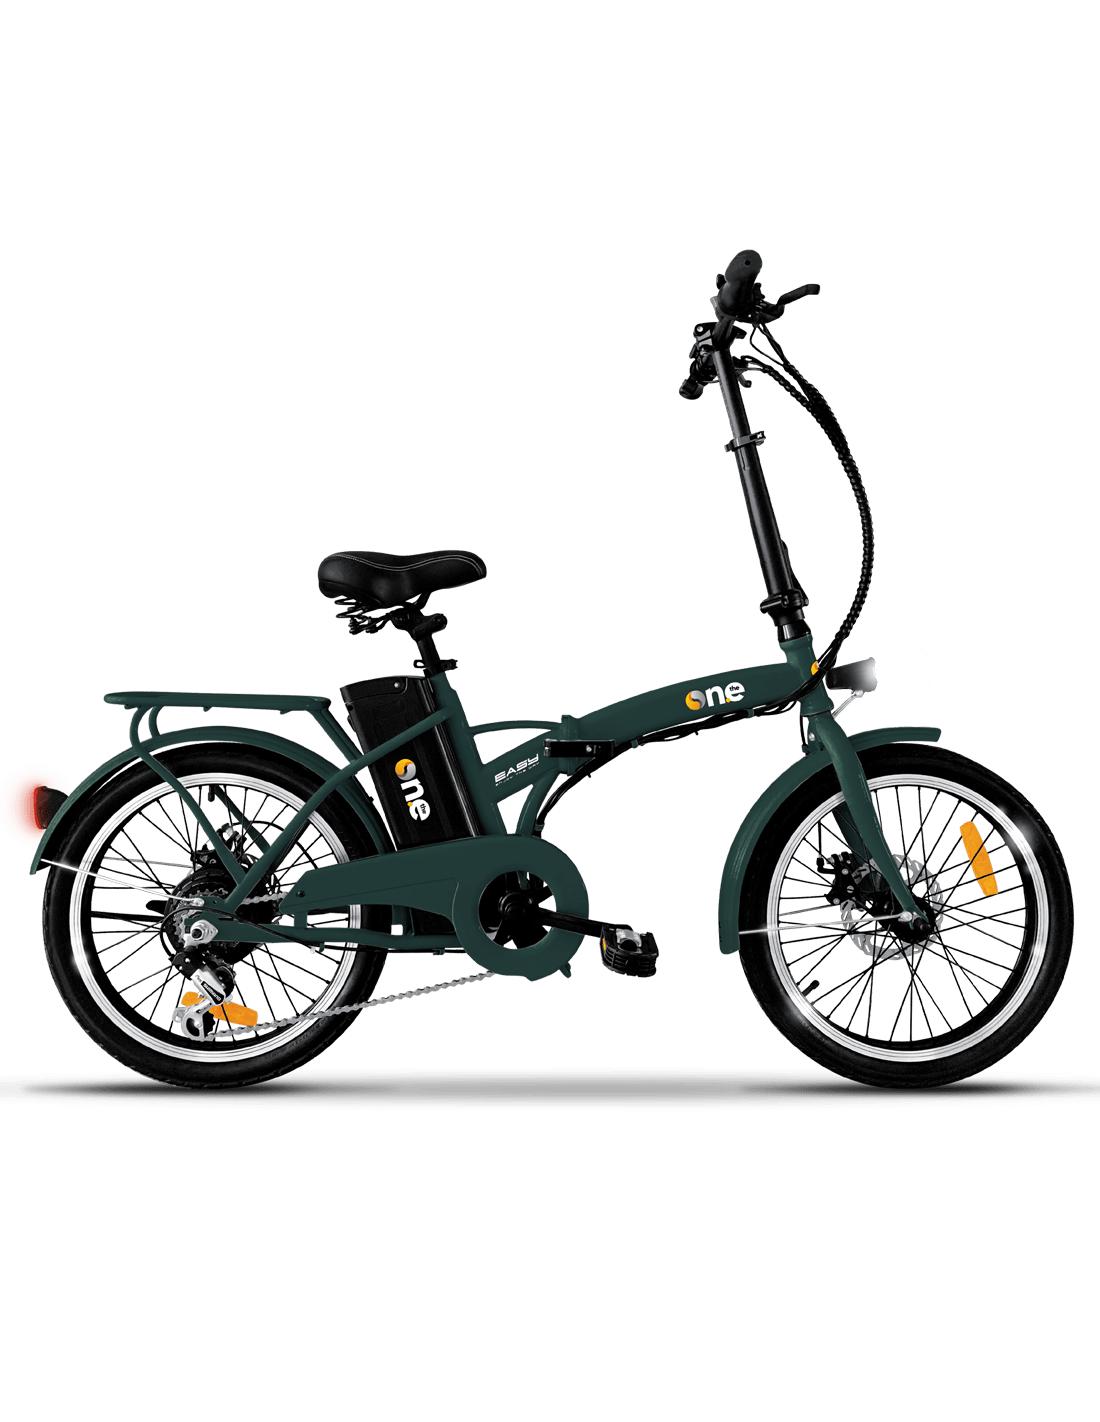 """Bicicletta elettrica The One con pedalata assistita E-Bike Bici Pieghevole 250 W Autonomia 35 km Pneumatici 20"""" - One Easy Forest Green"""